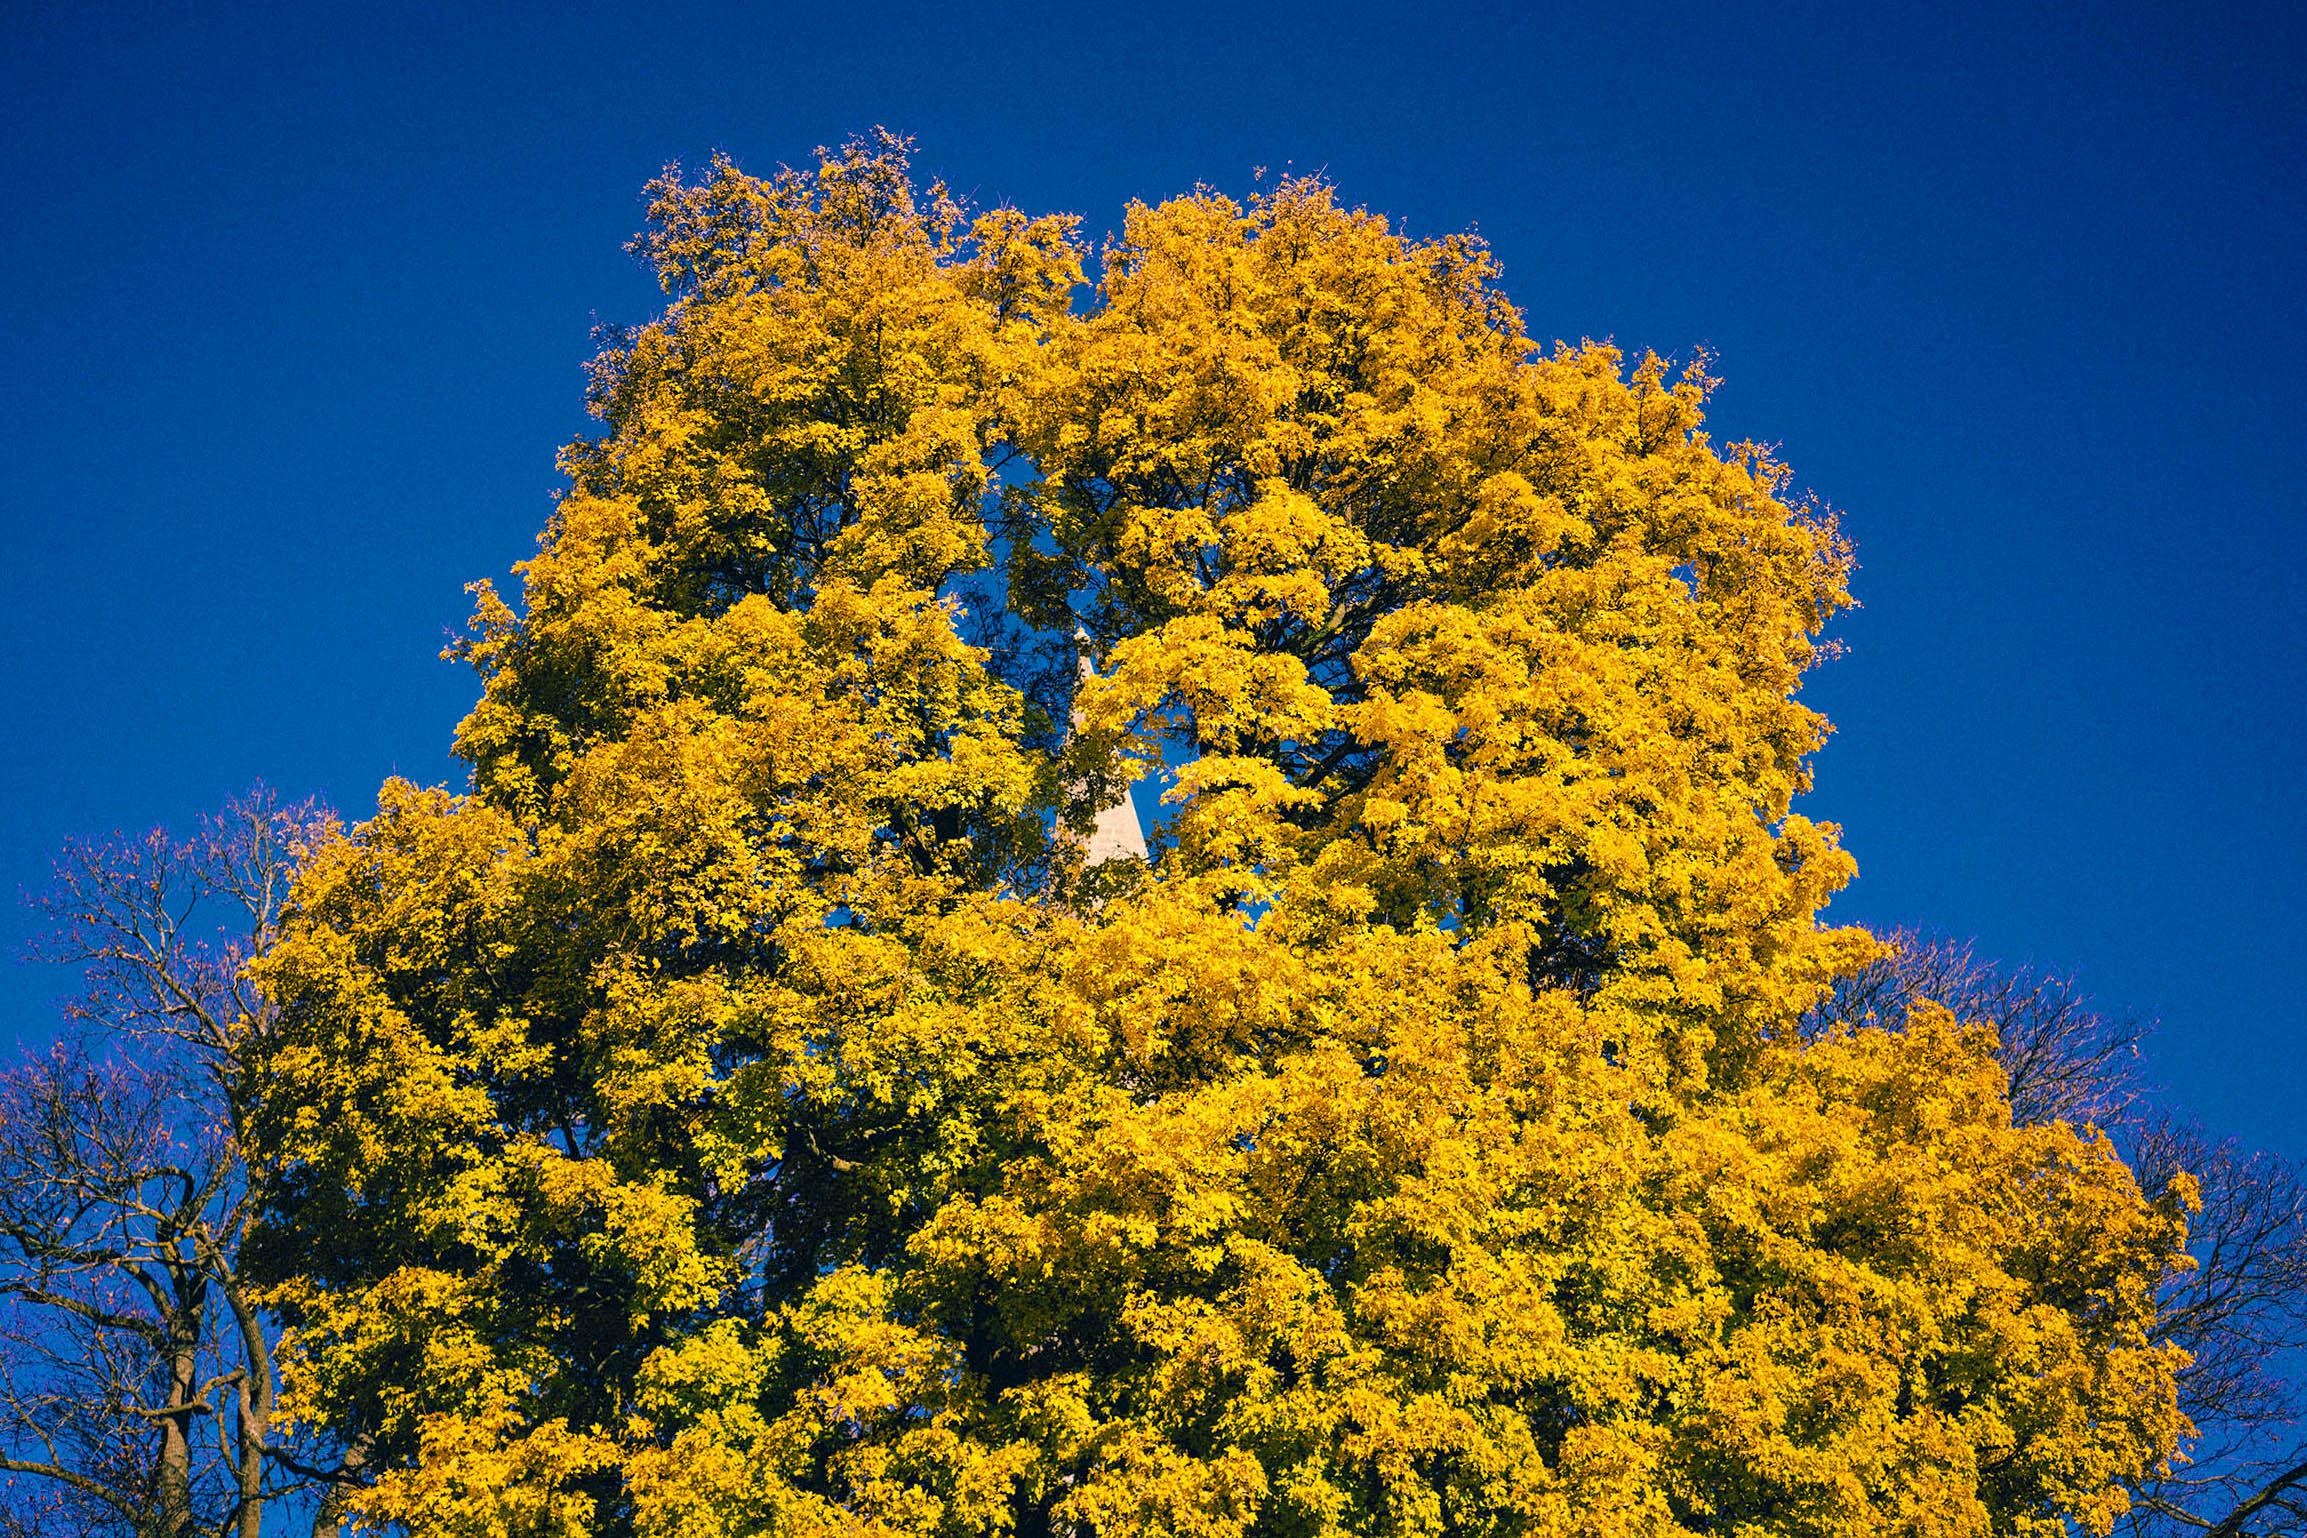 Fotografering fra Vålerenga park, Vakkert gult tre med blå himmel i bakgrunnen, kirketårn